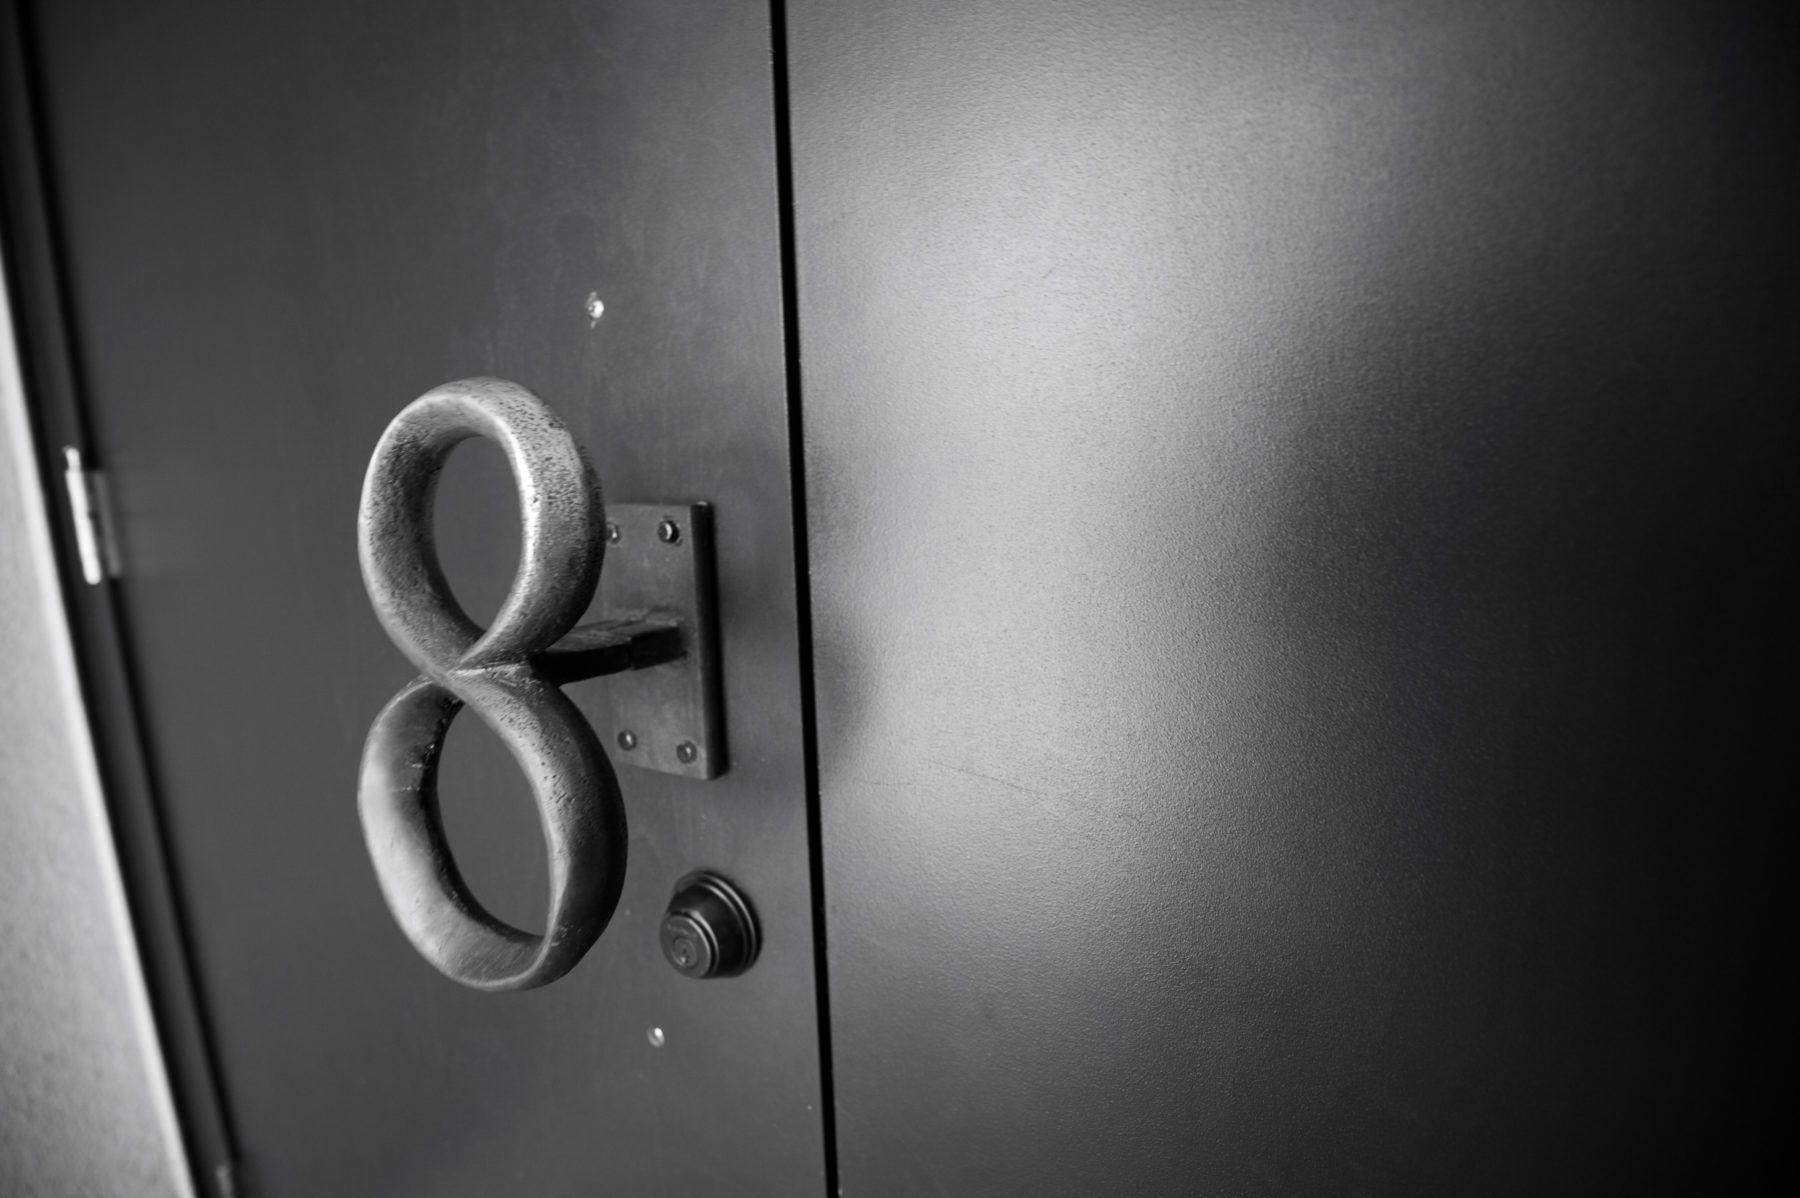 The number 8 door handle for nightclub Number 8